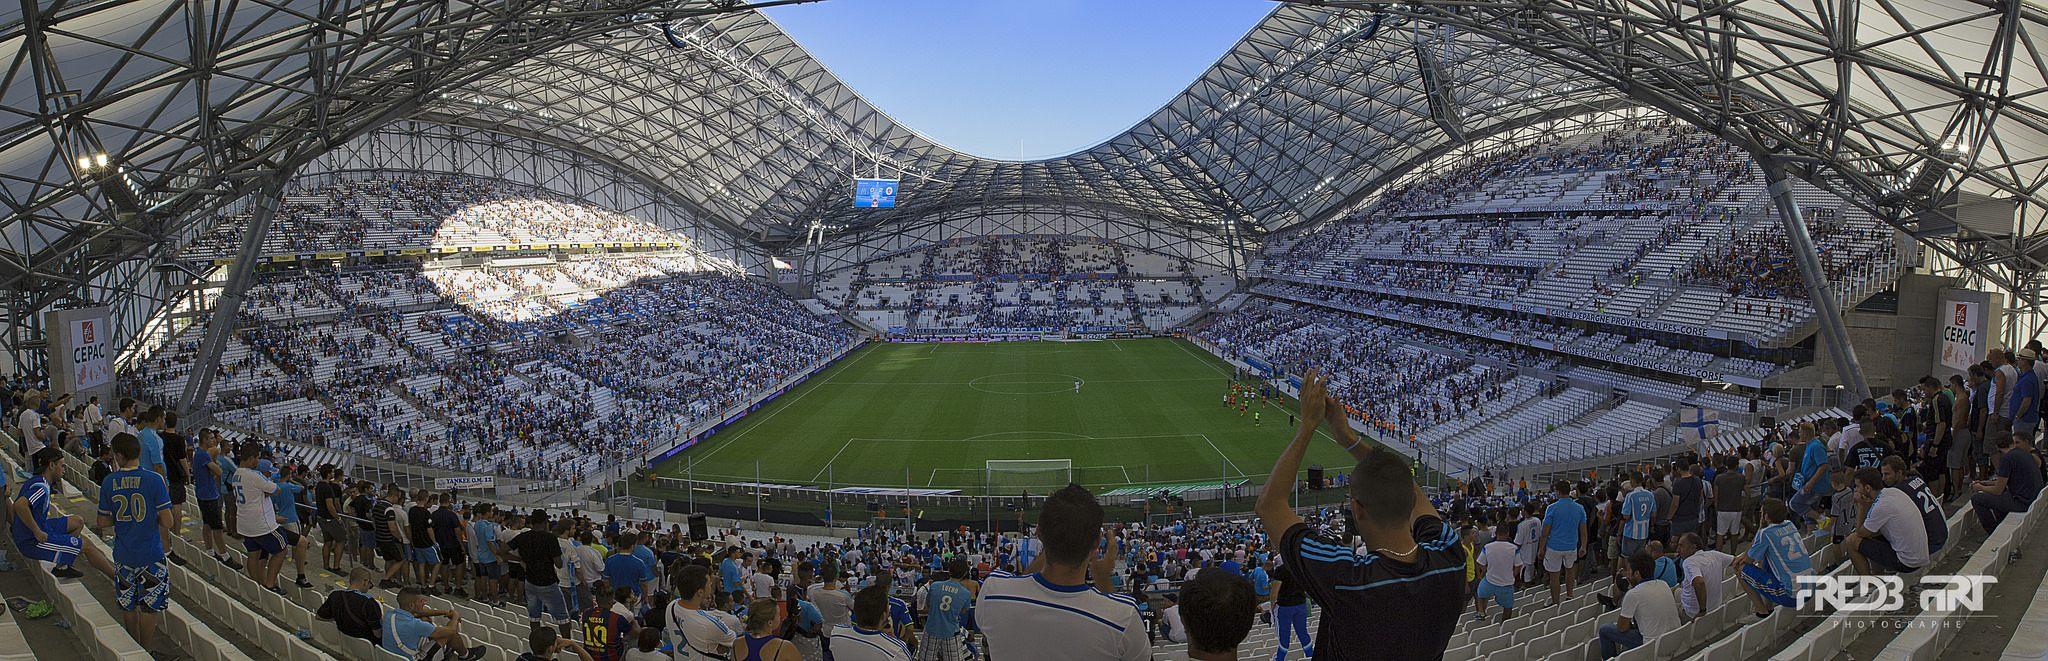 stade_velodrome36.jpg